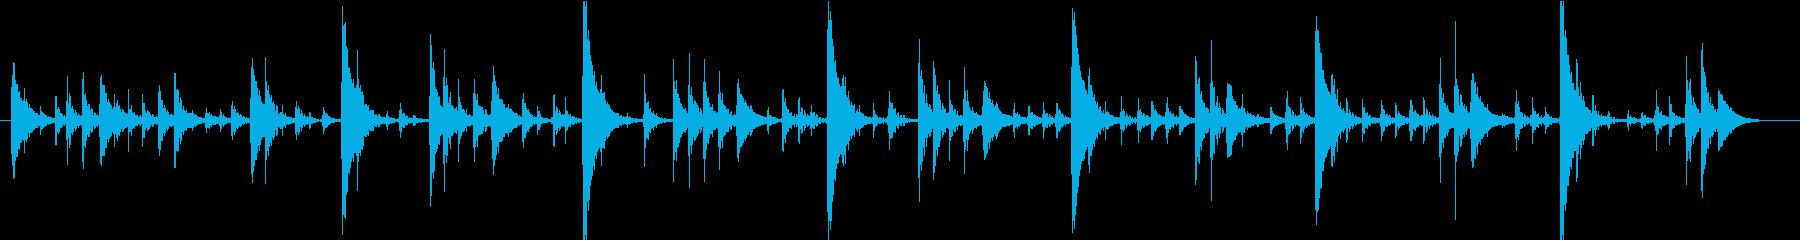 Guanguanco:Funk R...の再生済みの波形